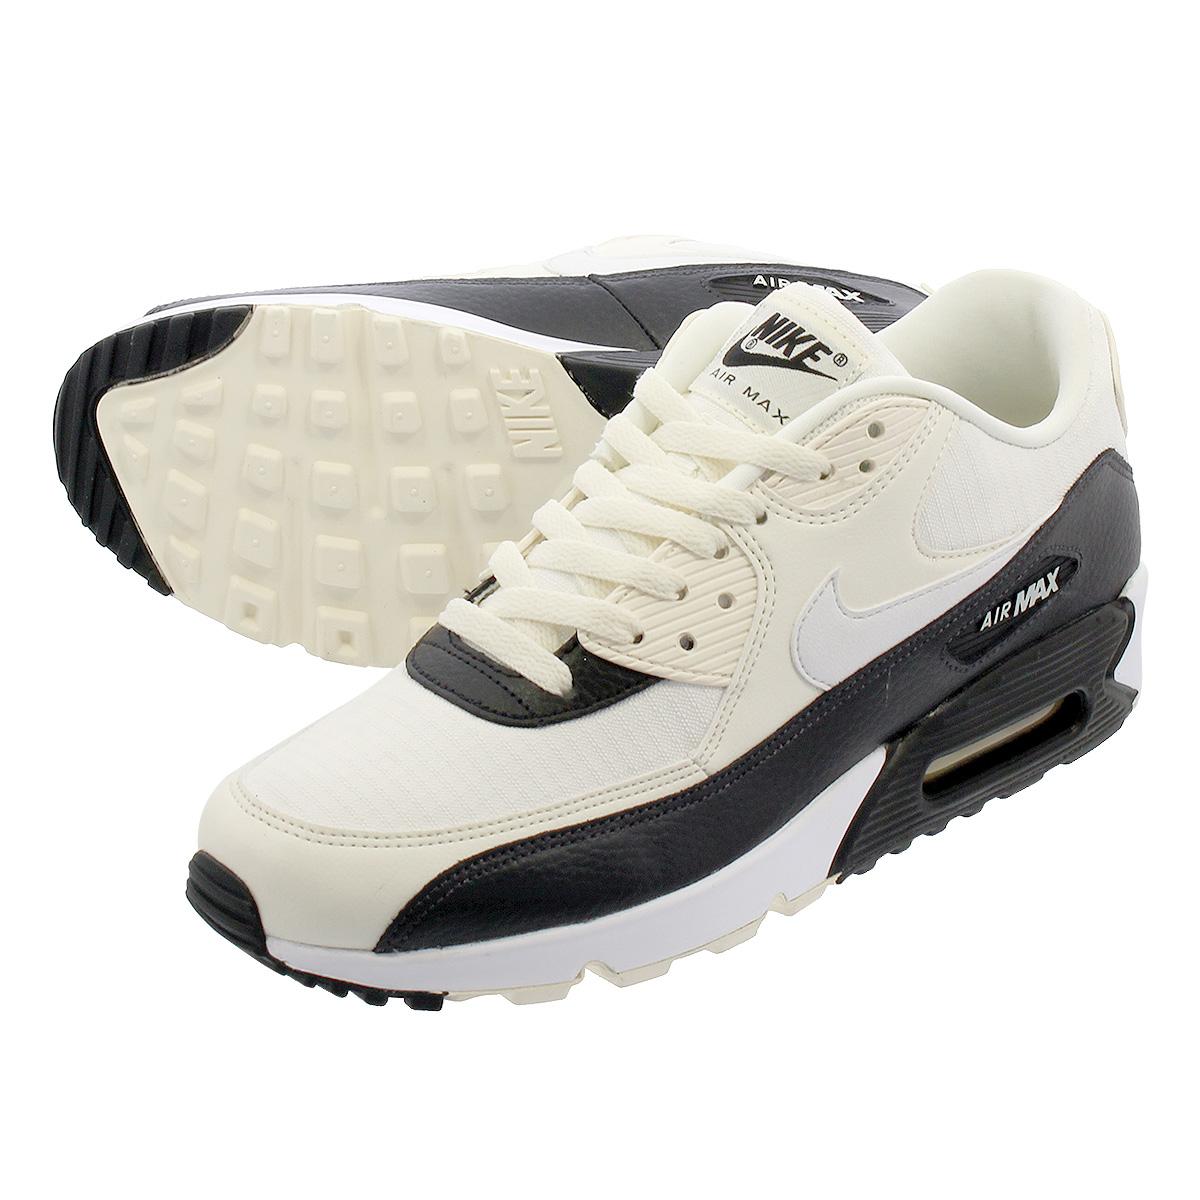 4ad40e697b NIKE WMNS AIR MAX 90 Nike women Air Max 90 PALE IVORY/SUMMIT WHITE/ ...